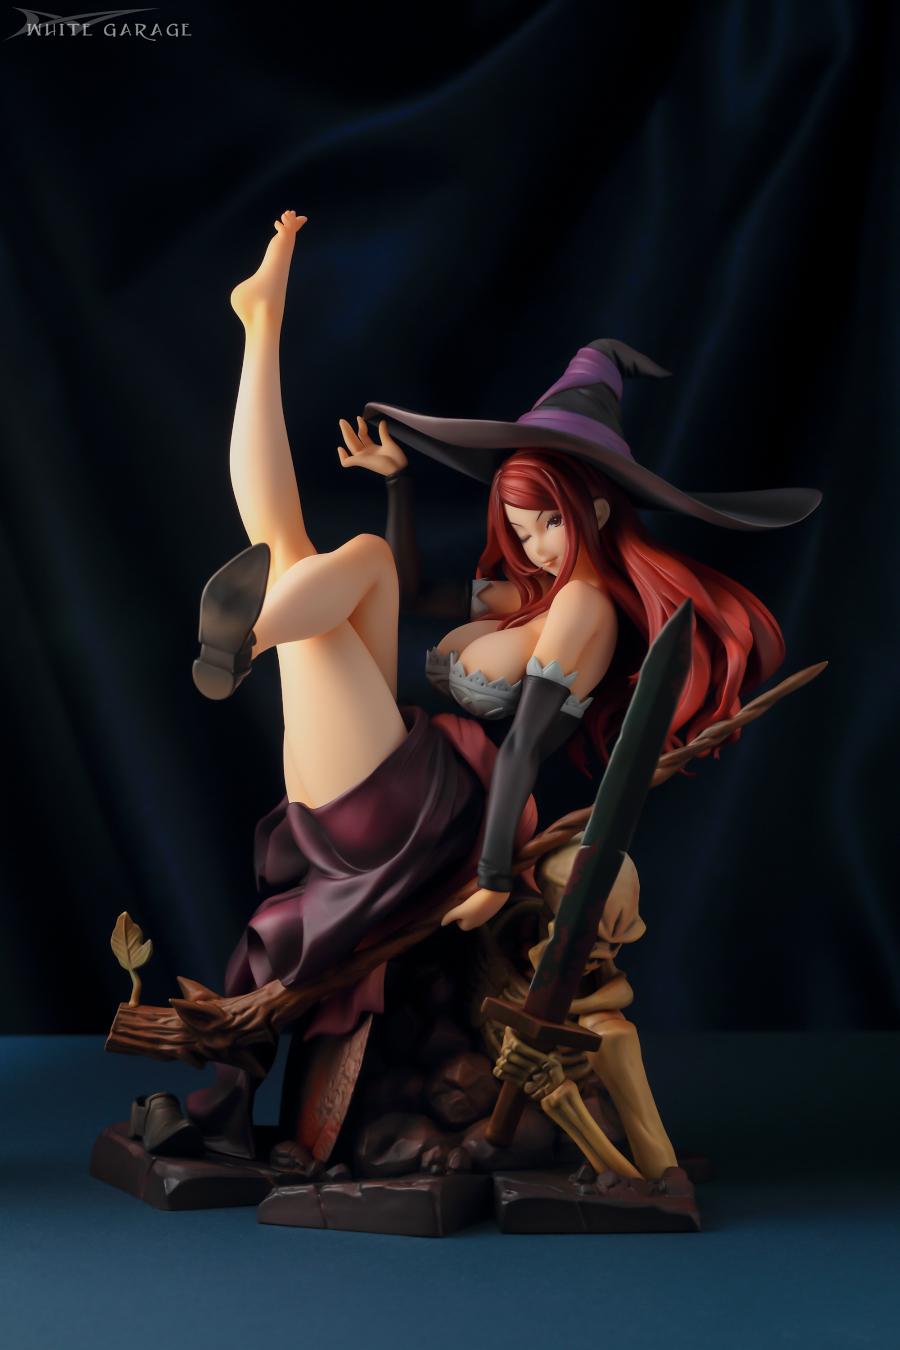 sorceress014